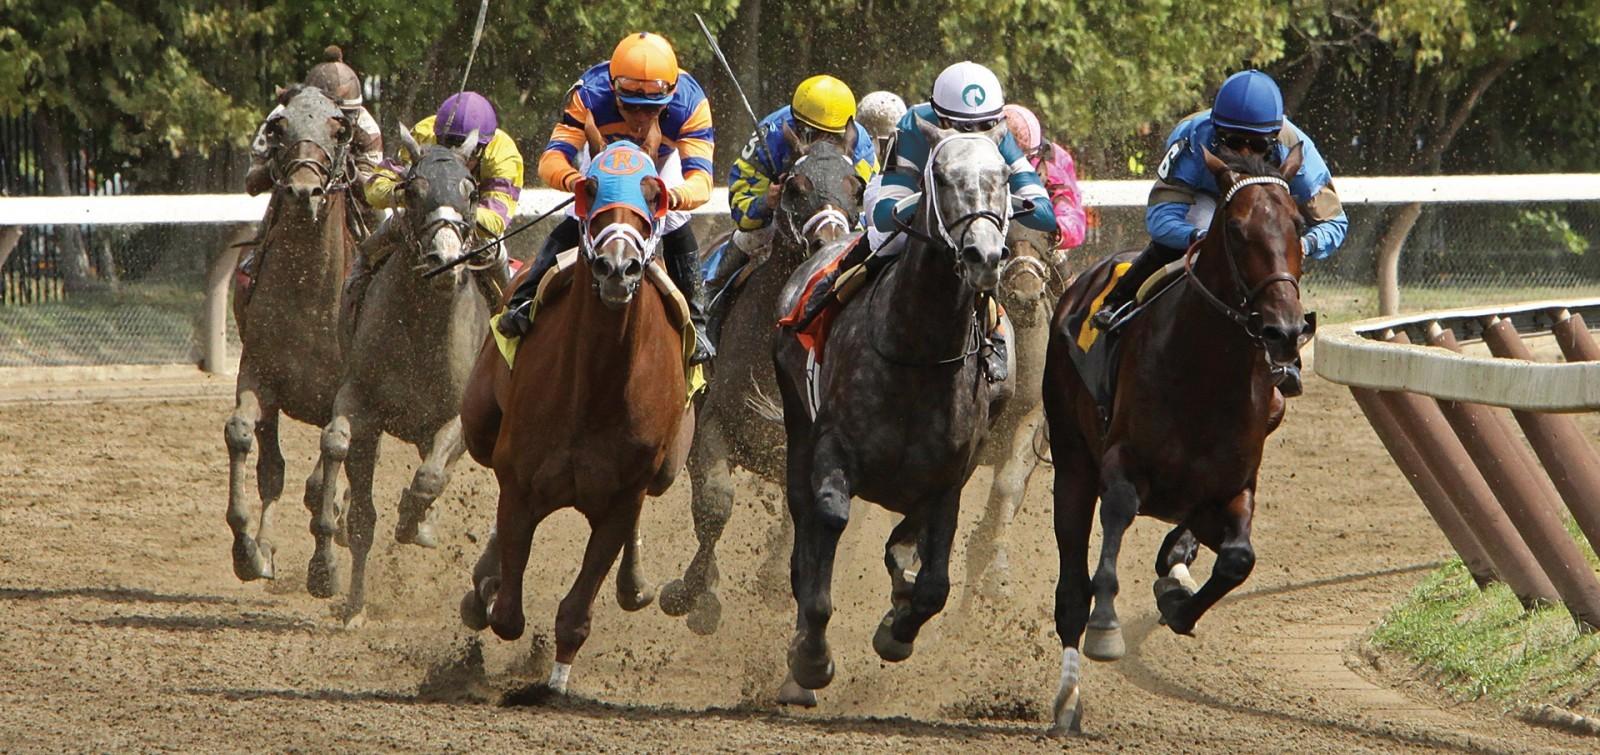 Cretata per cavalli